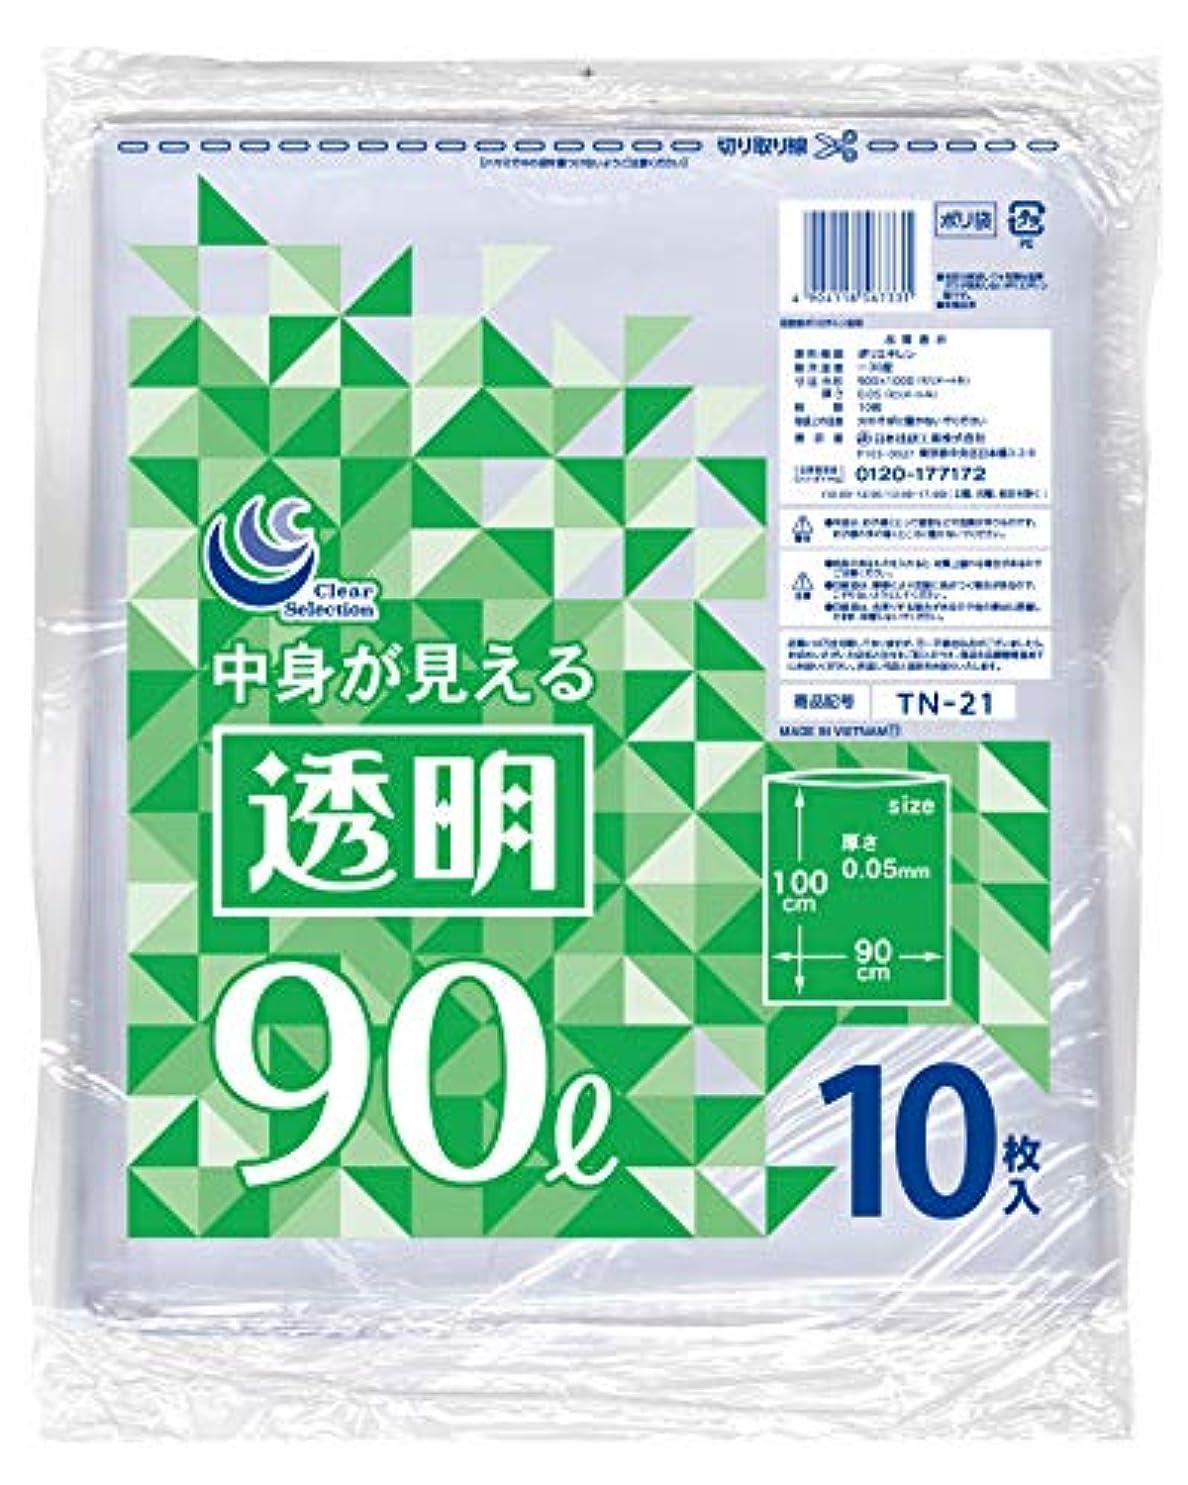 水分放牧するどこにでも日本技研工業 ゴミ袋 透明 90L 100cm×90cm 厚み0.05mm 伸びやすく裂けにくい 中身が見える 厚くて丈夫 TN-32 10枚入